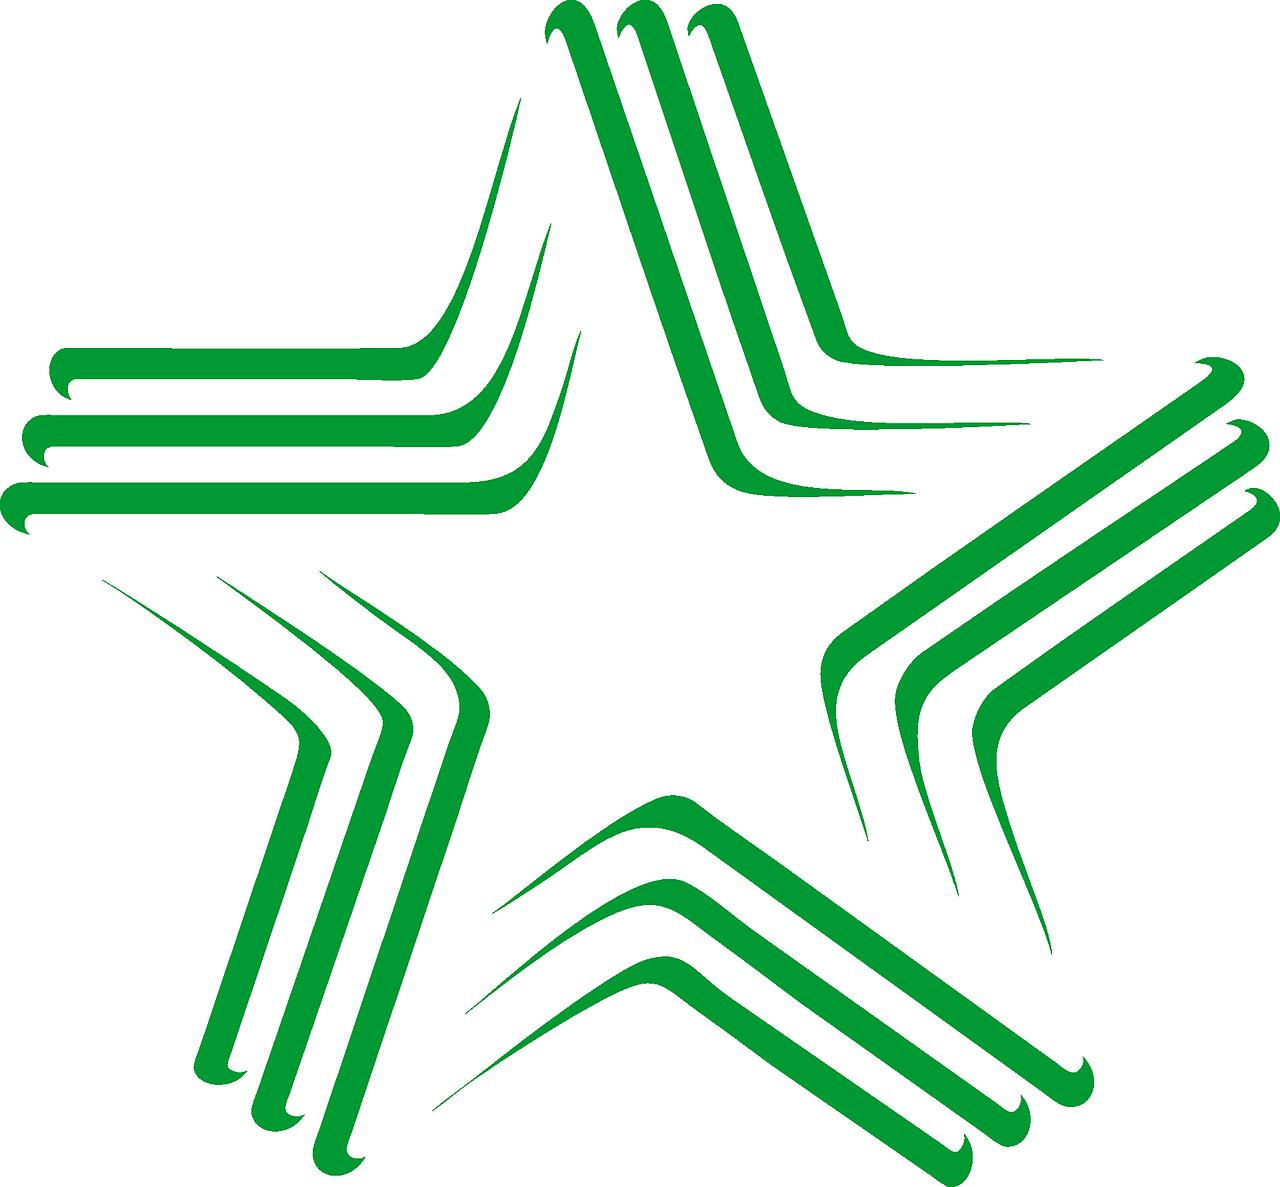 Flaga symbolizująca esperanto